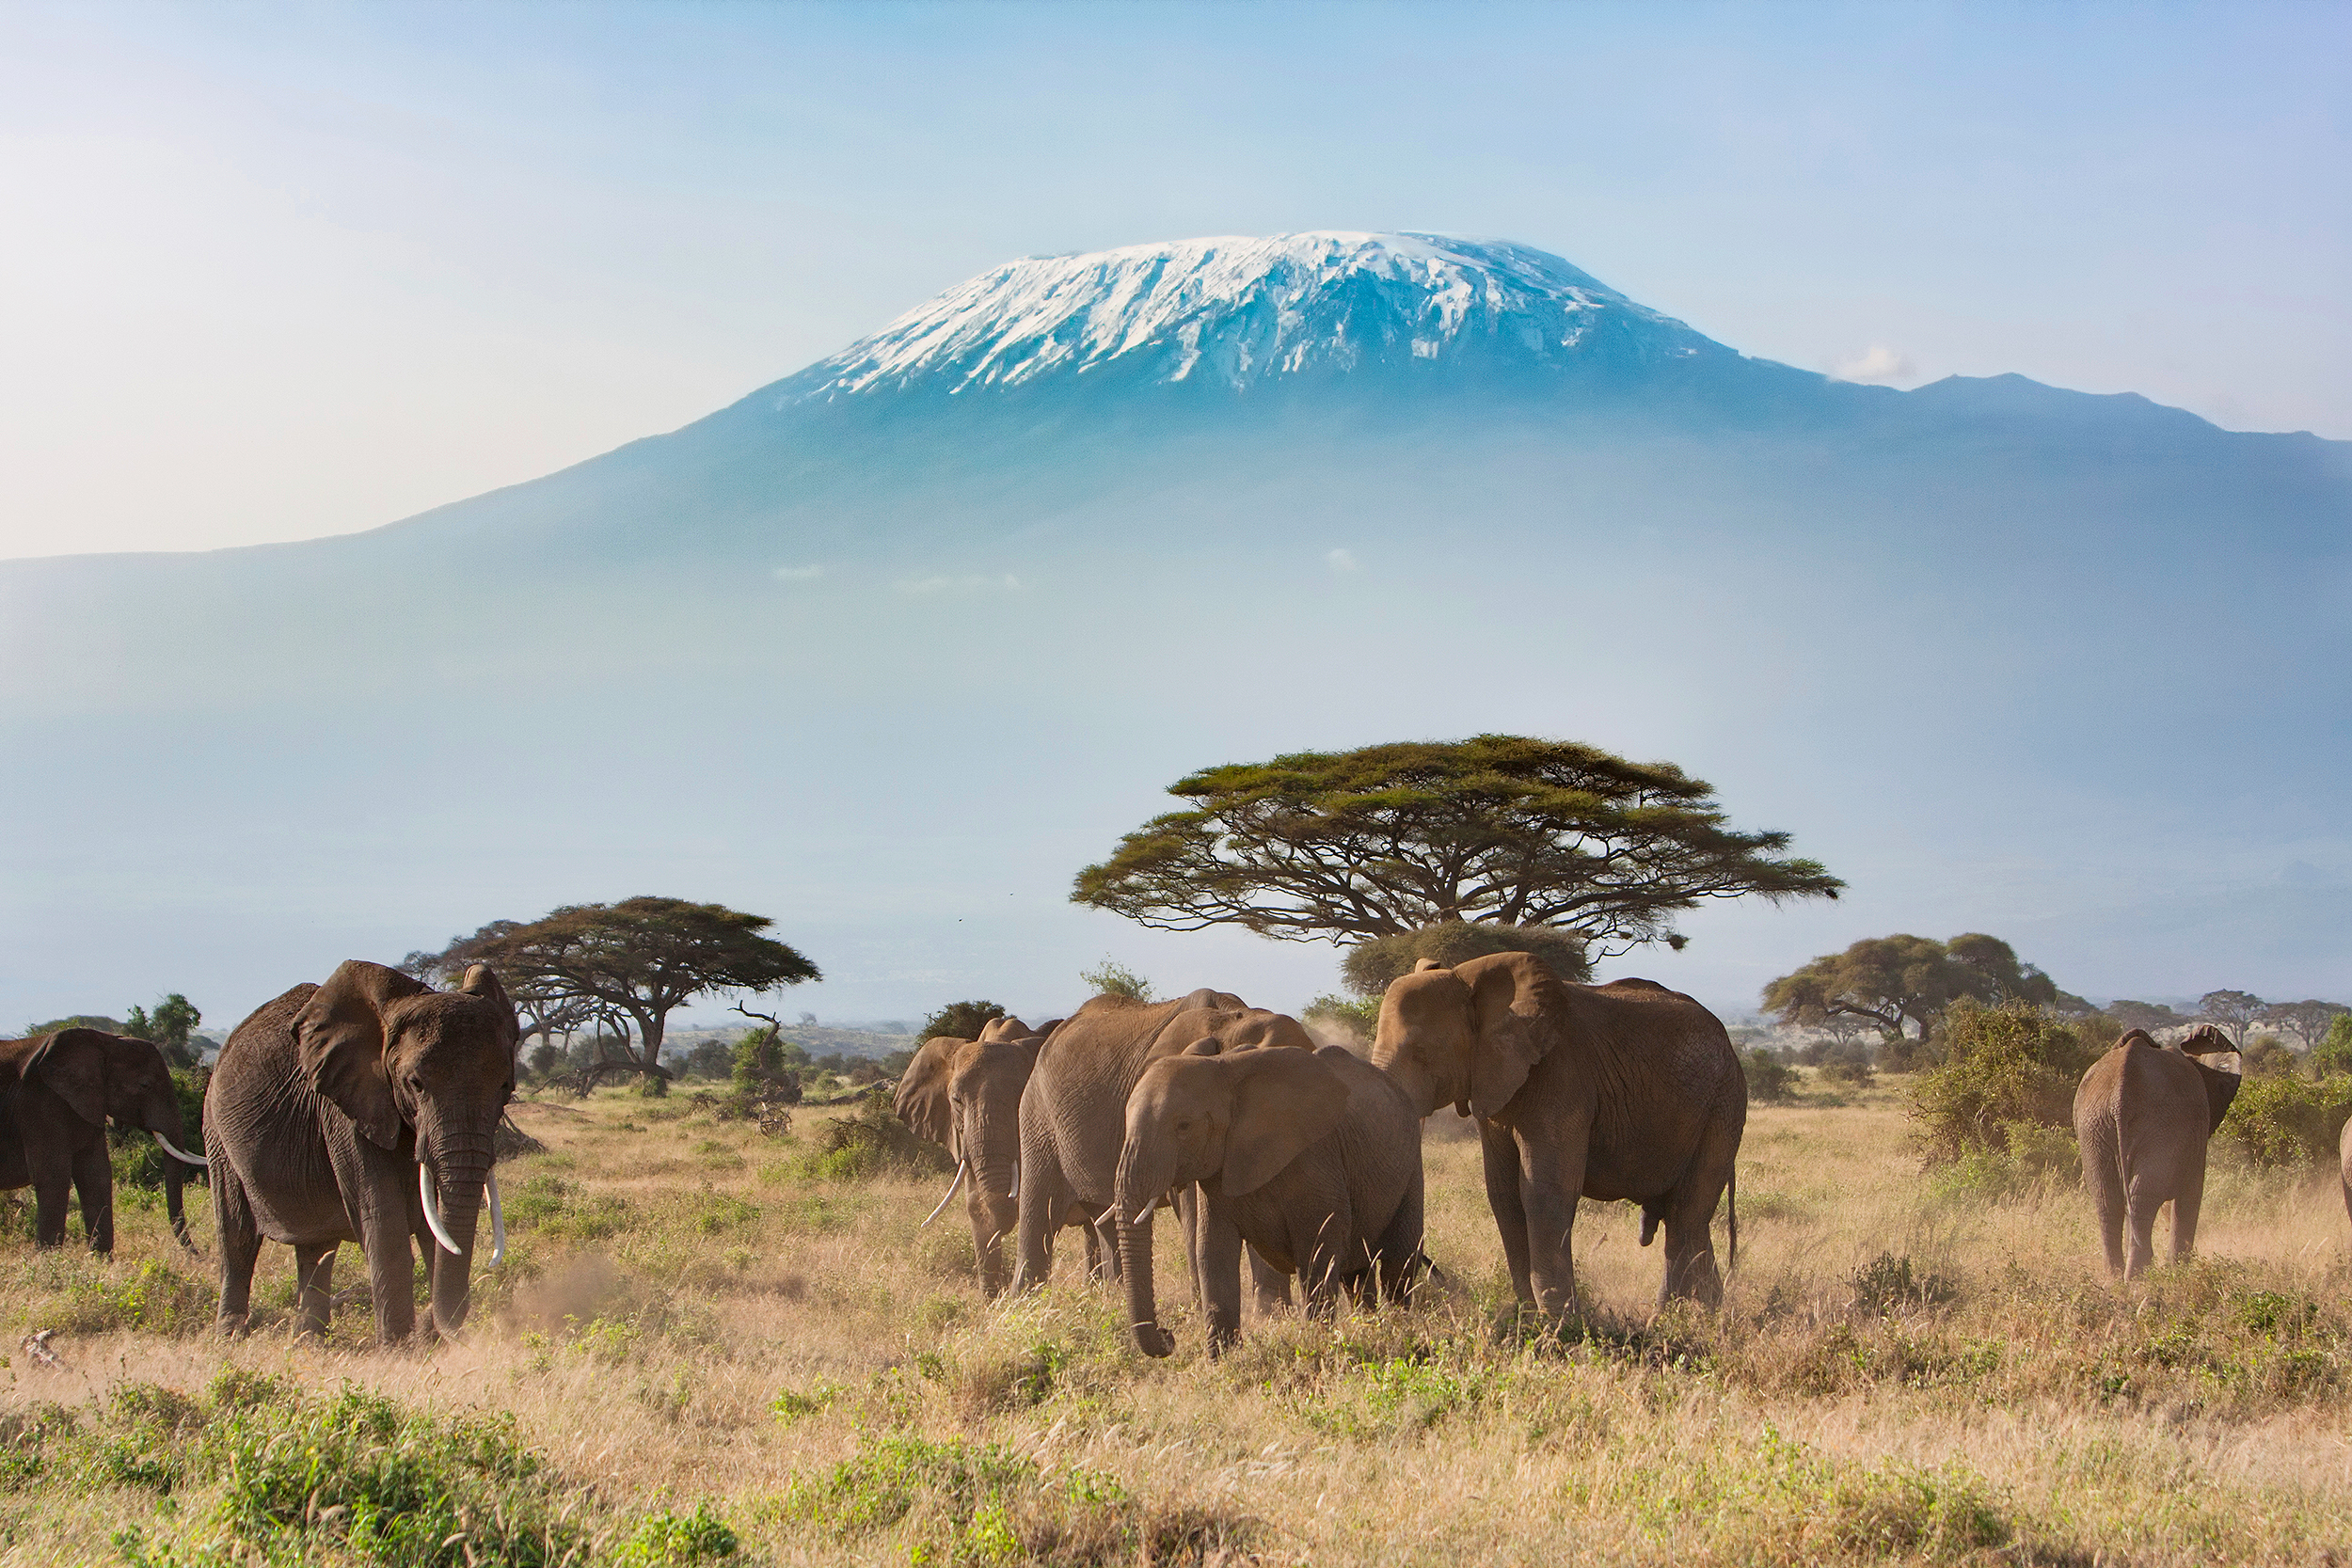 Monte Kilimanjaro, no Amboseli National Park, Quênia, África